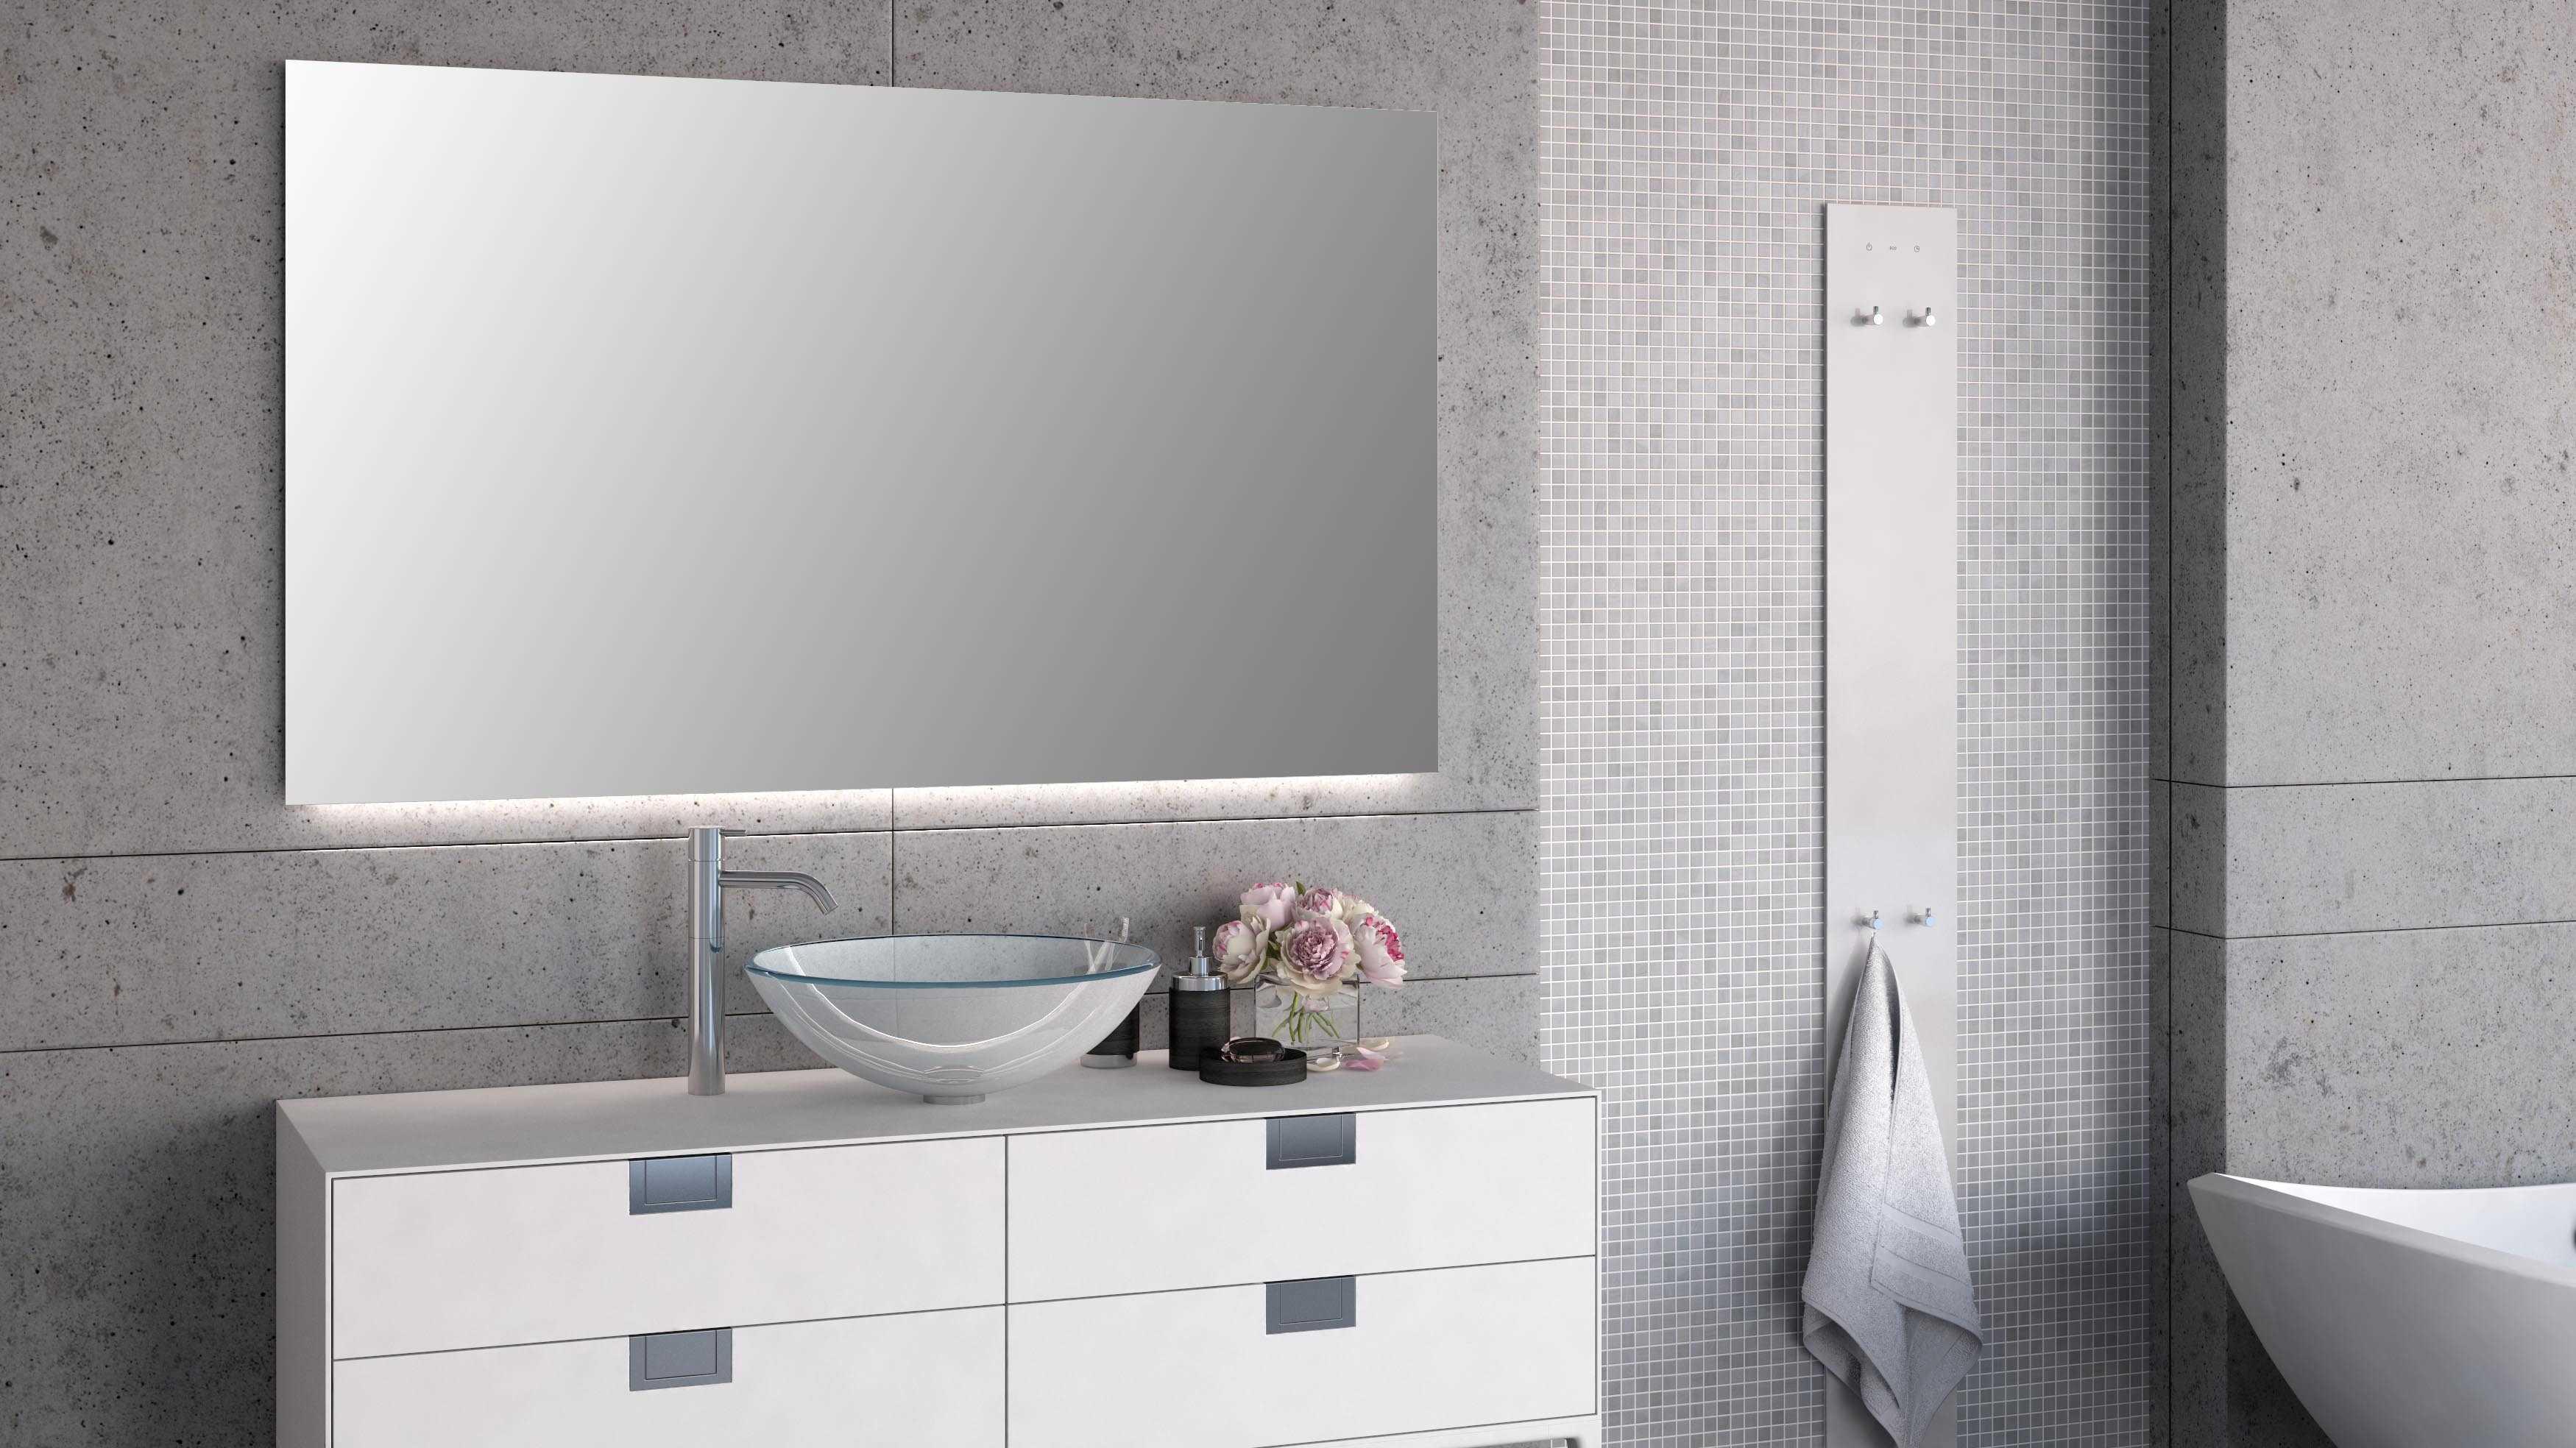 Badrumsspeglar från X-Frame badrumsinredningar